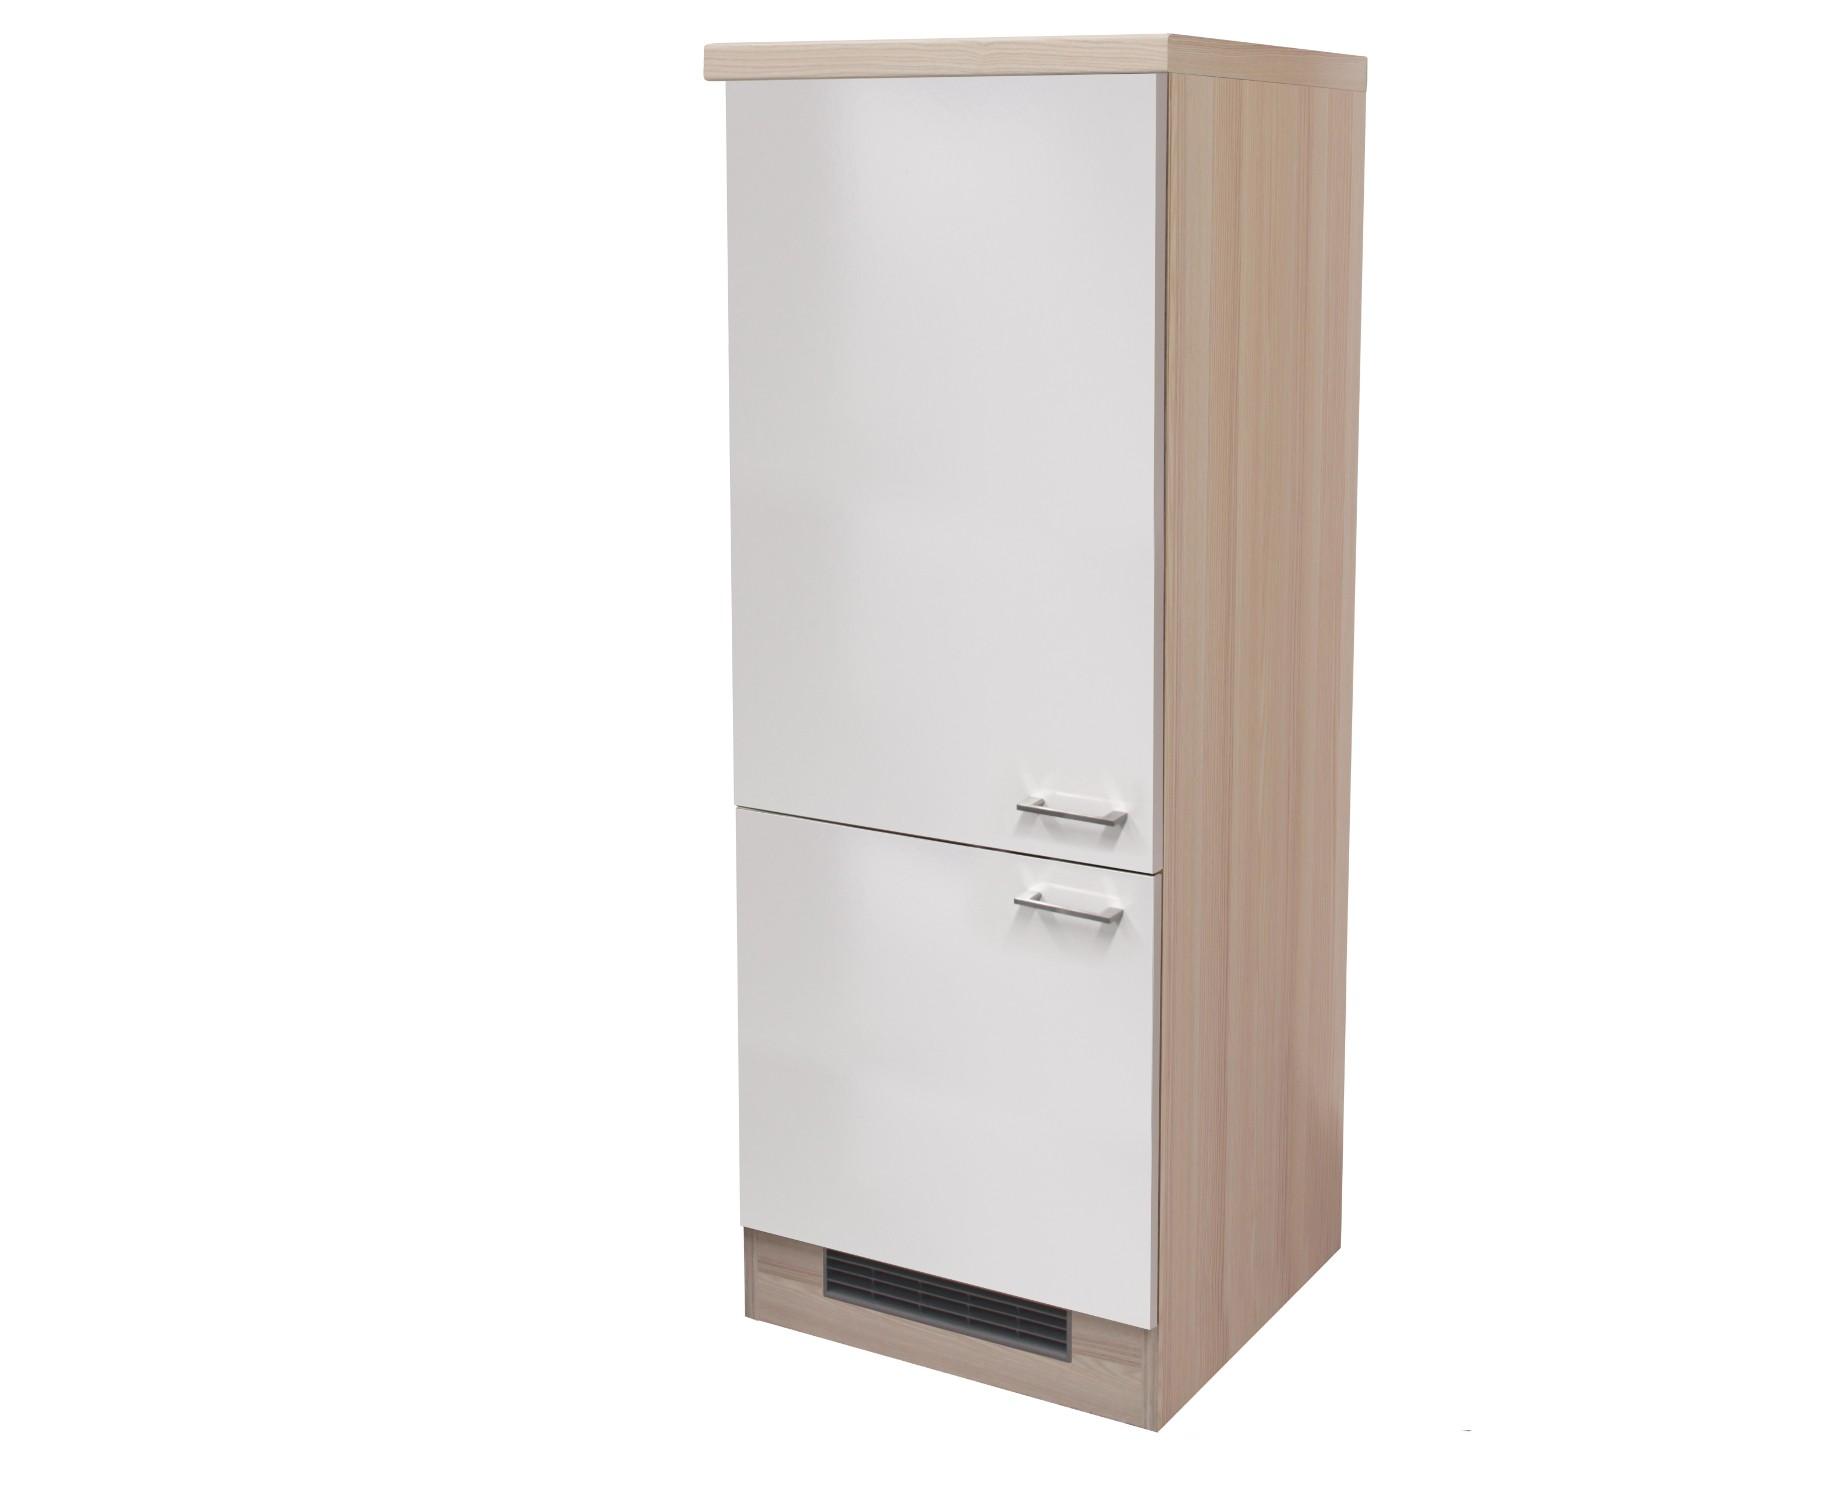 Kühlschrank Einlegeboden : Kühlschrank sicherheitsglas einlegeboden teilig wenn man etwas